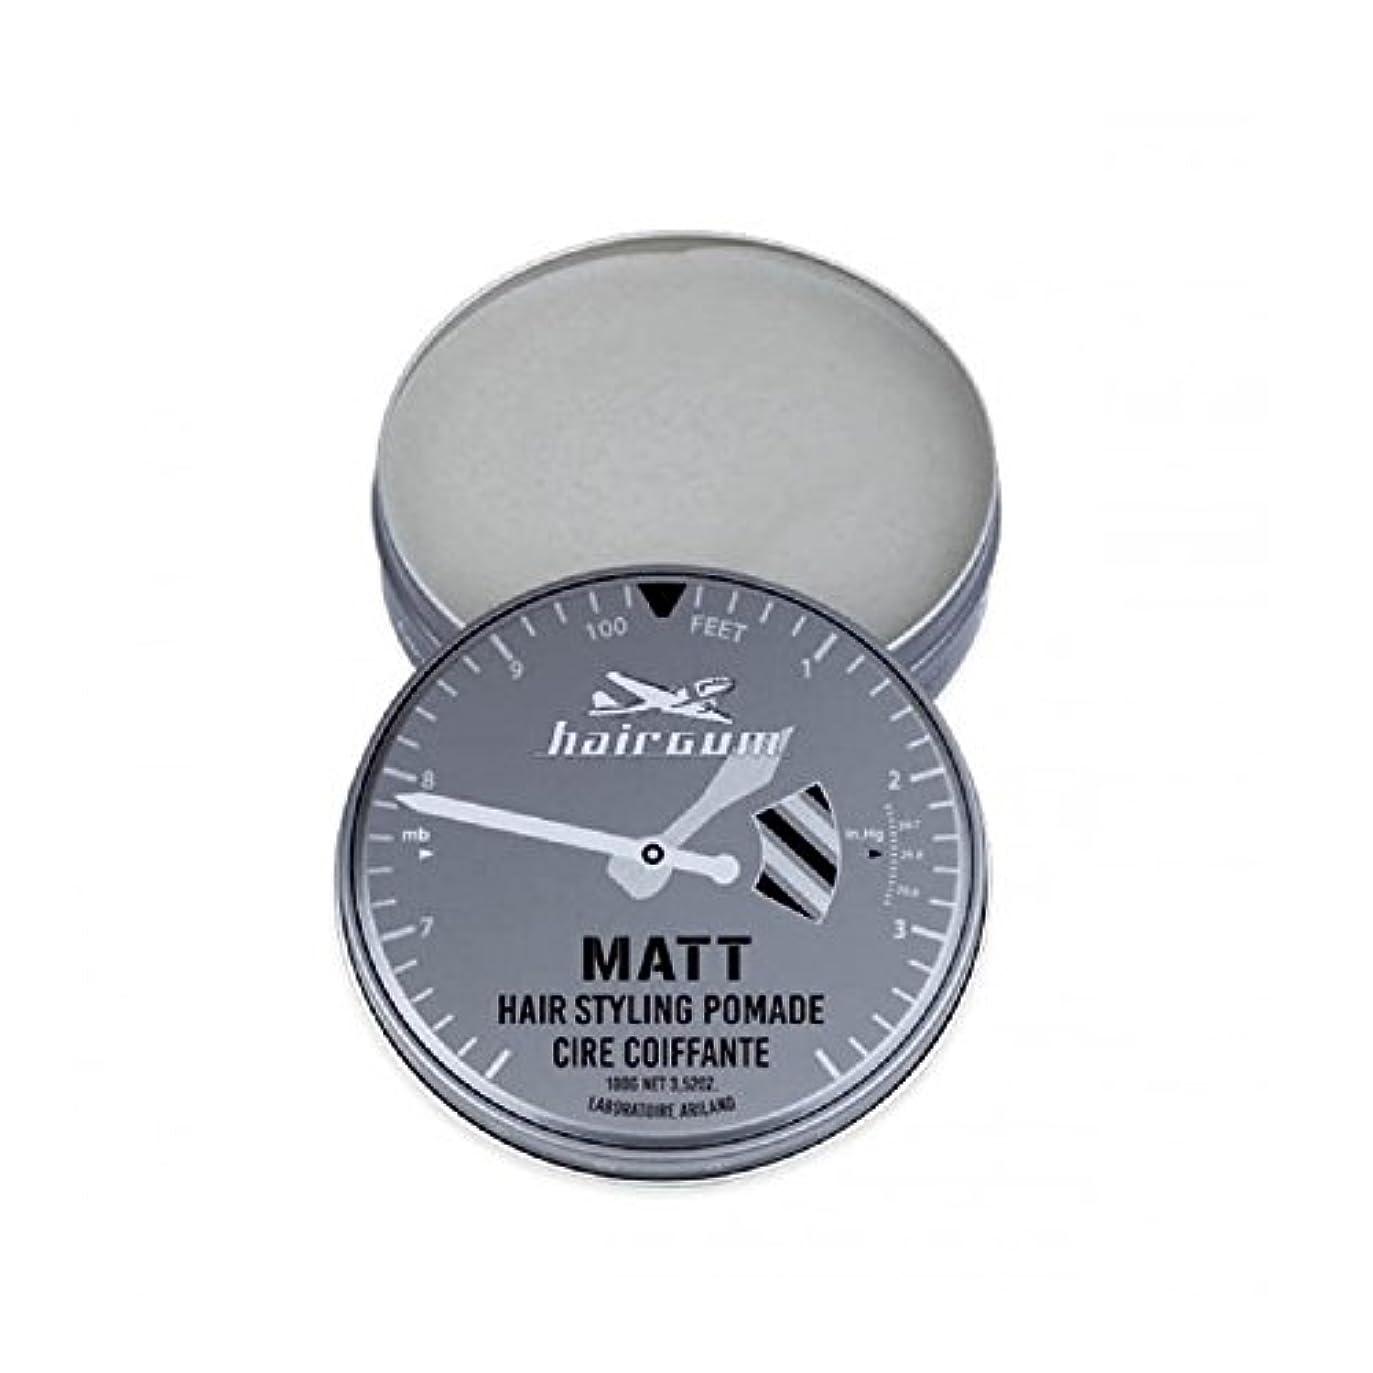 ぺディカブ軽悪名高いhairgum(ヘアガム) Matt Pomade 100g ヘアガム マット 油性 ポマード グリース